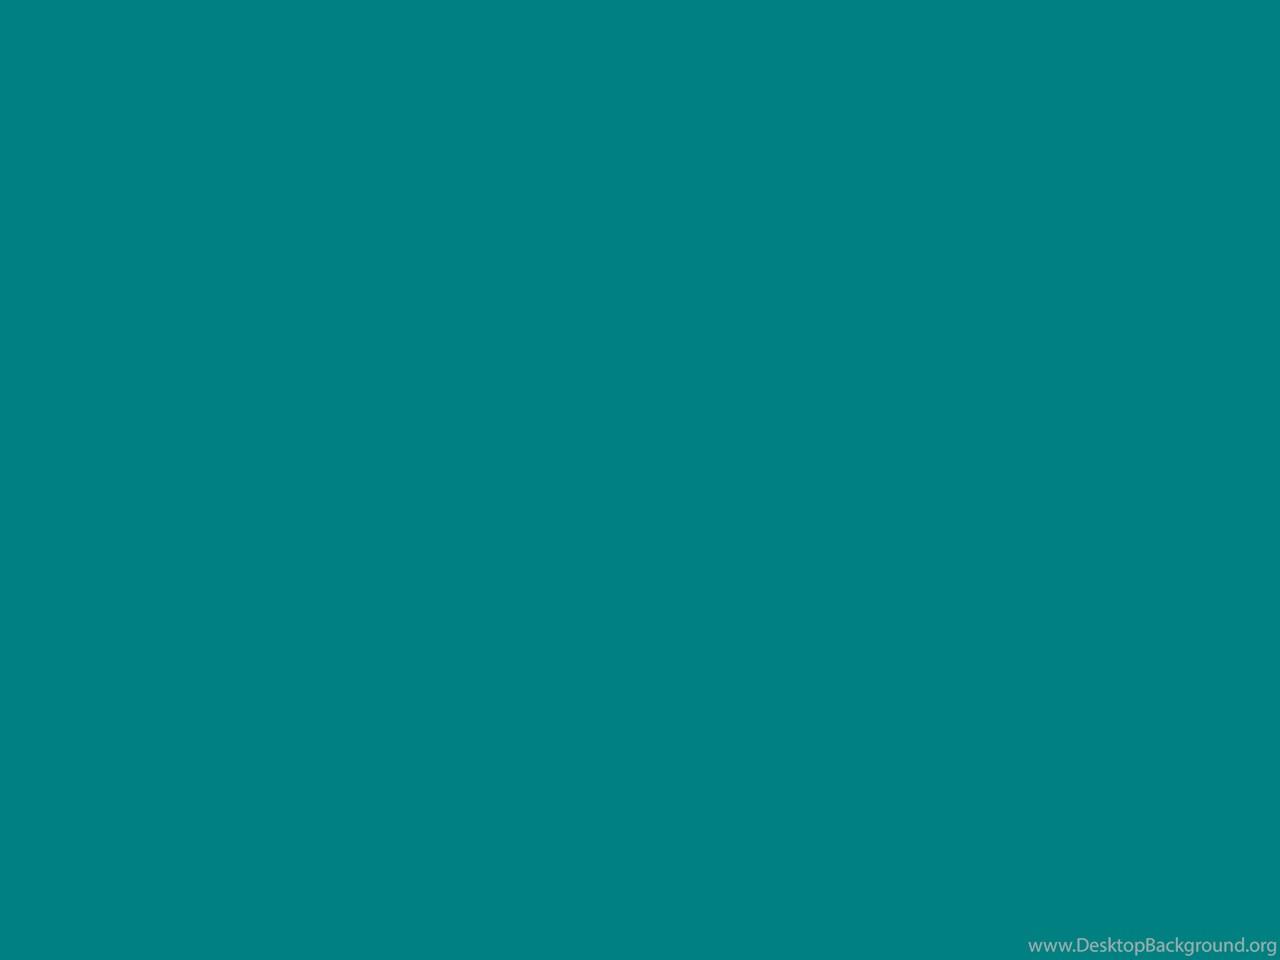 Plain Color Wallpaper For Iphone 1680x1050 Teal Solid Color Background Jpg Desktop Background